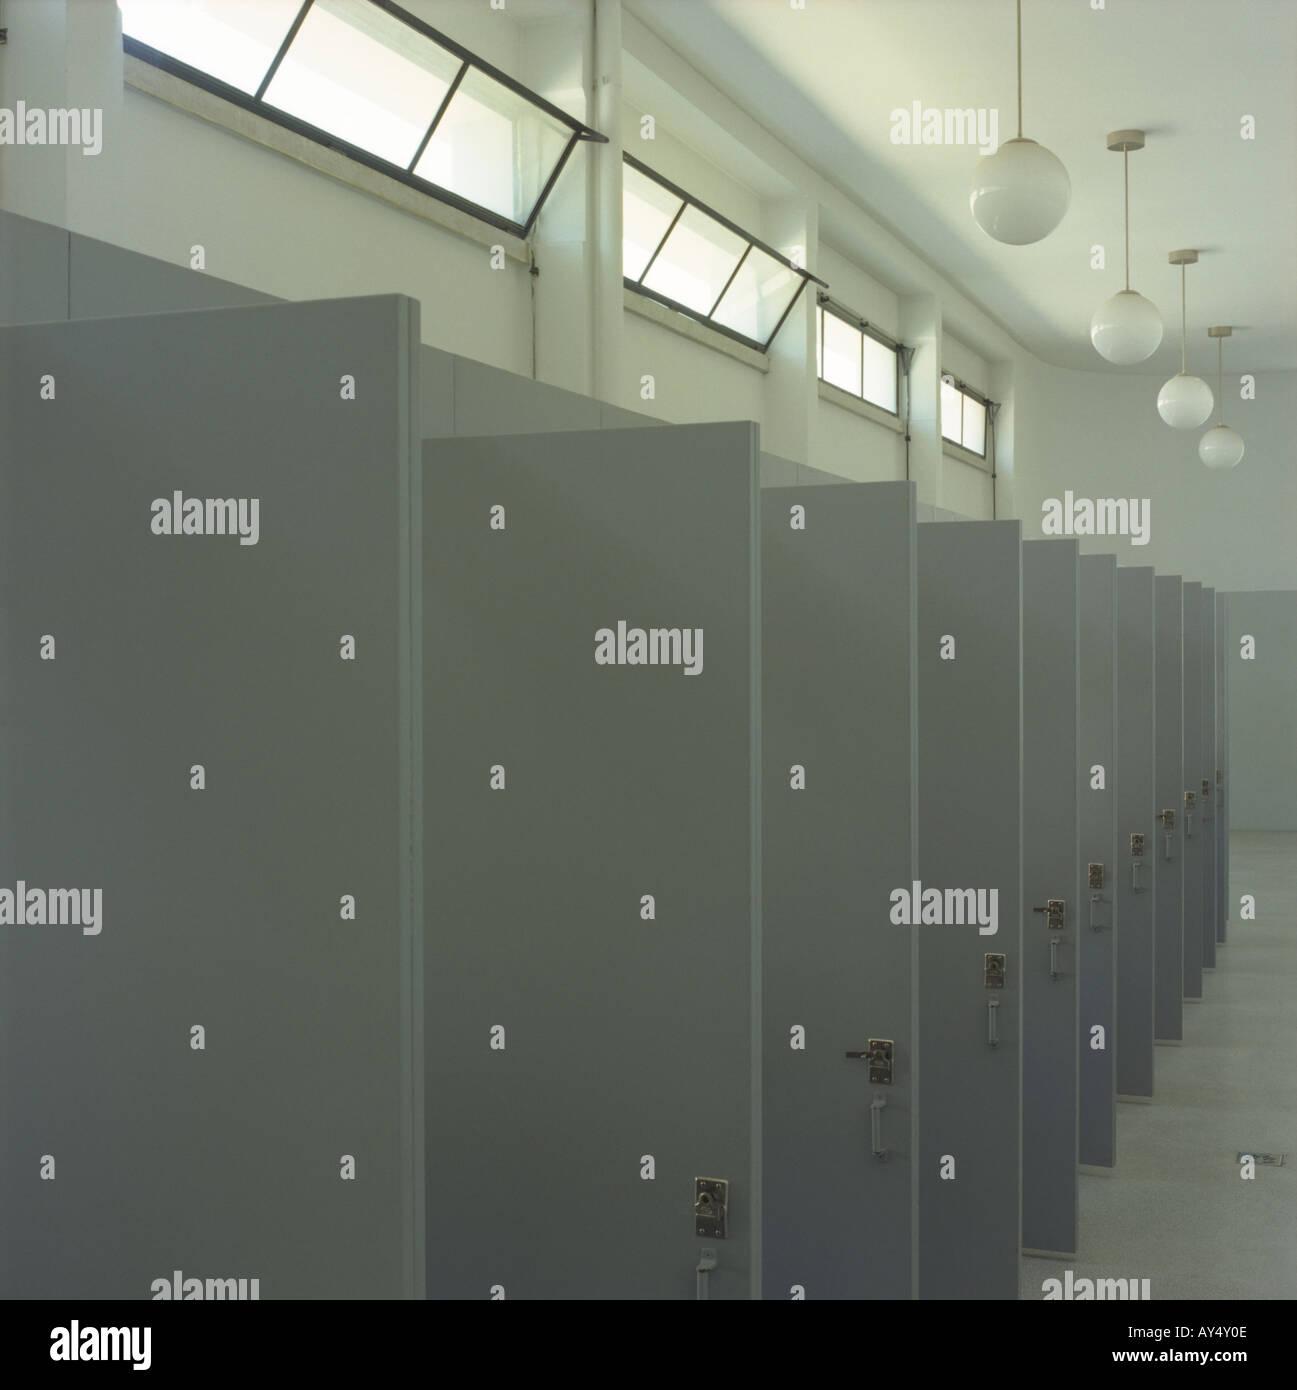 Una lunga serie di porte dei servizi igienici in una scuola Immagini Stock